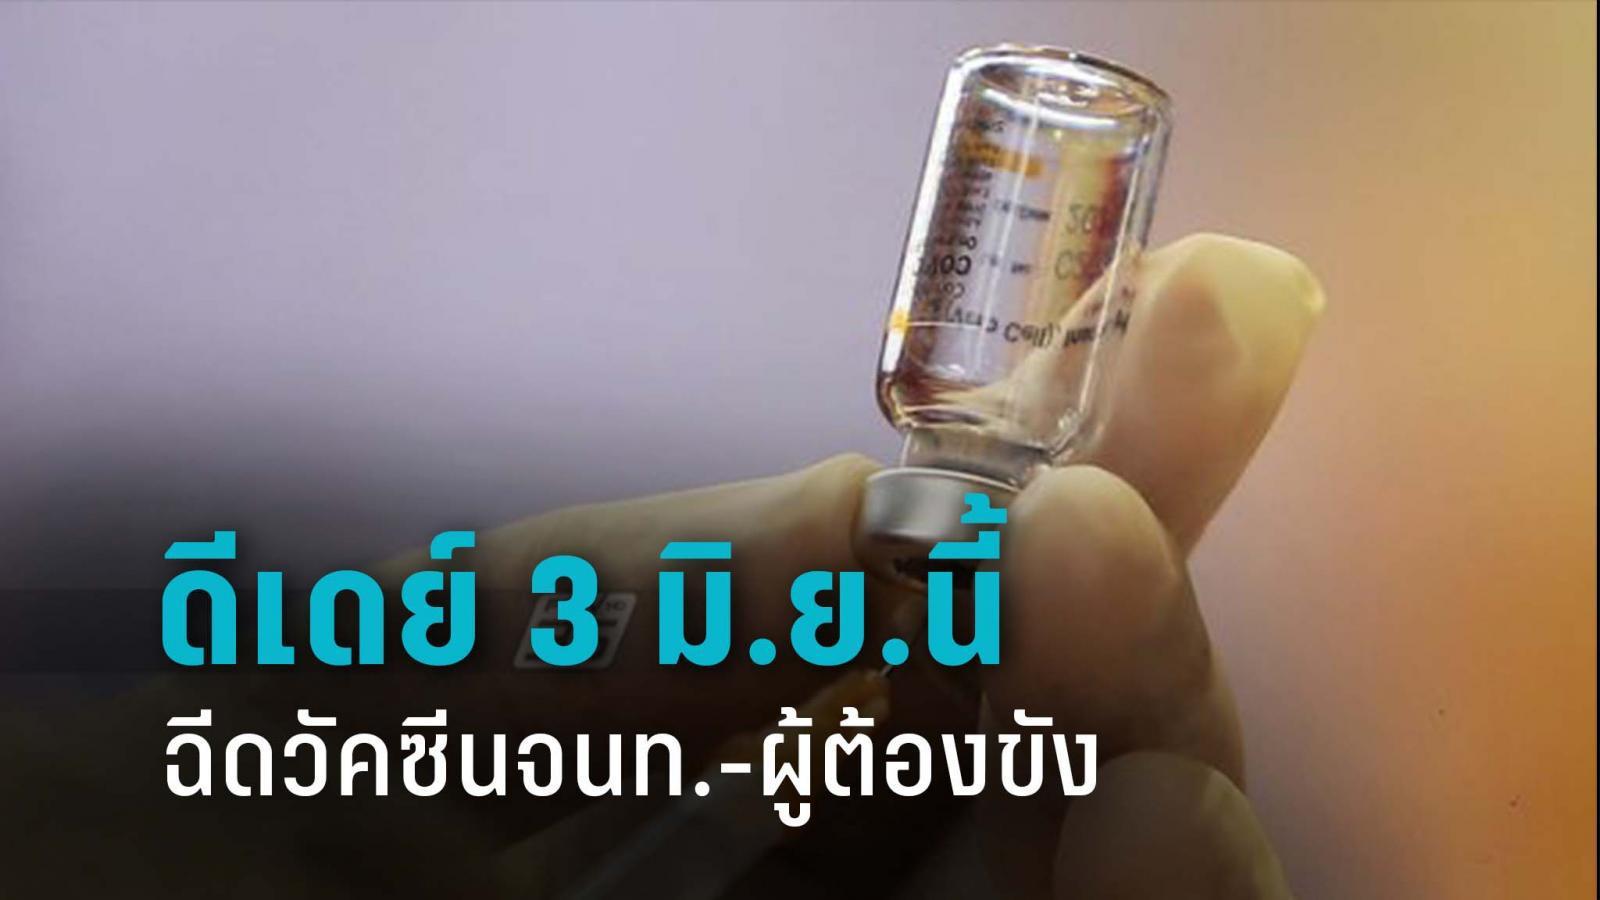 ราชทัณฑ์ เตรียมฉีดวัคซีน เจ้าหน้าที่-ผู้ต้องขัง 3 มิ.ย.นี้